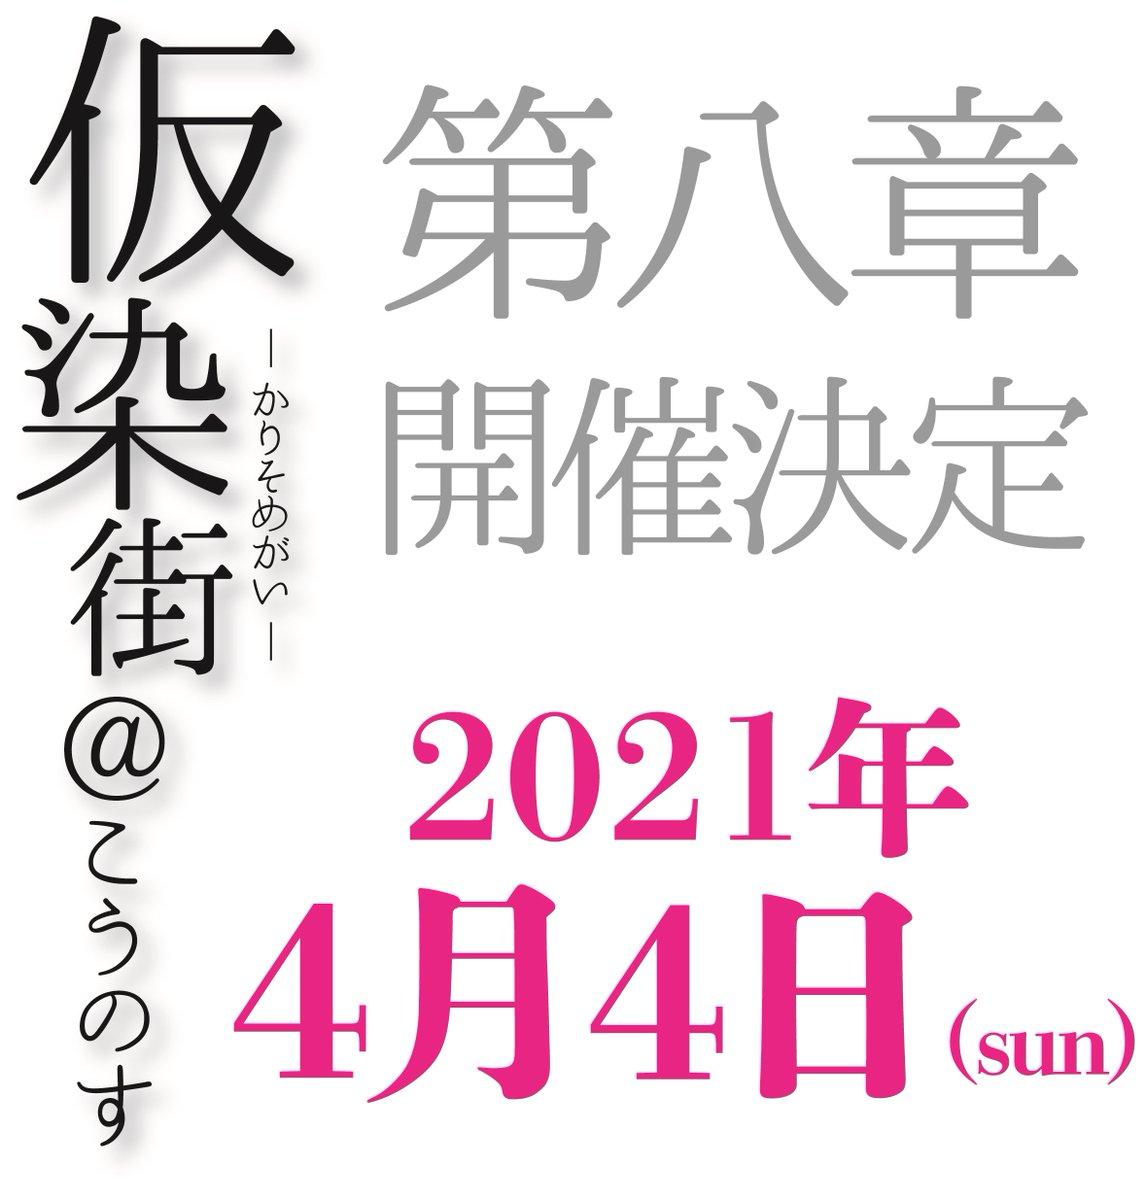 仮染街▷2021年4月4日 (@karisomegai) | Twitter